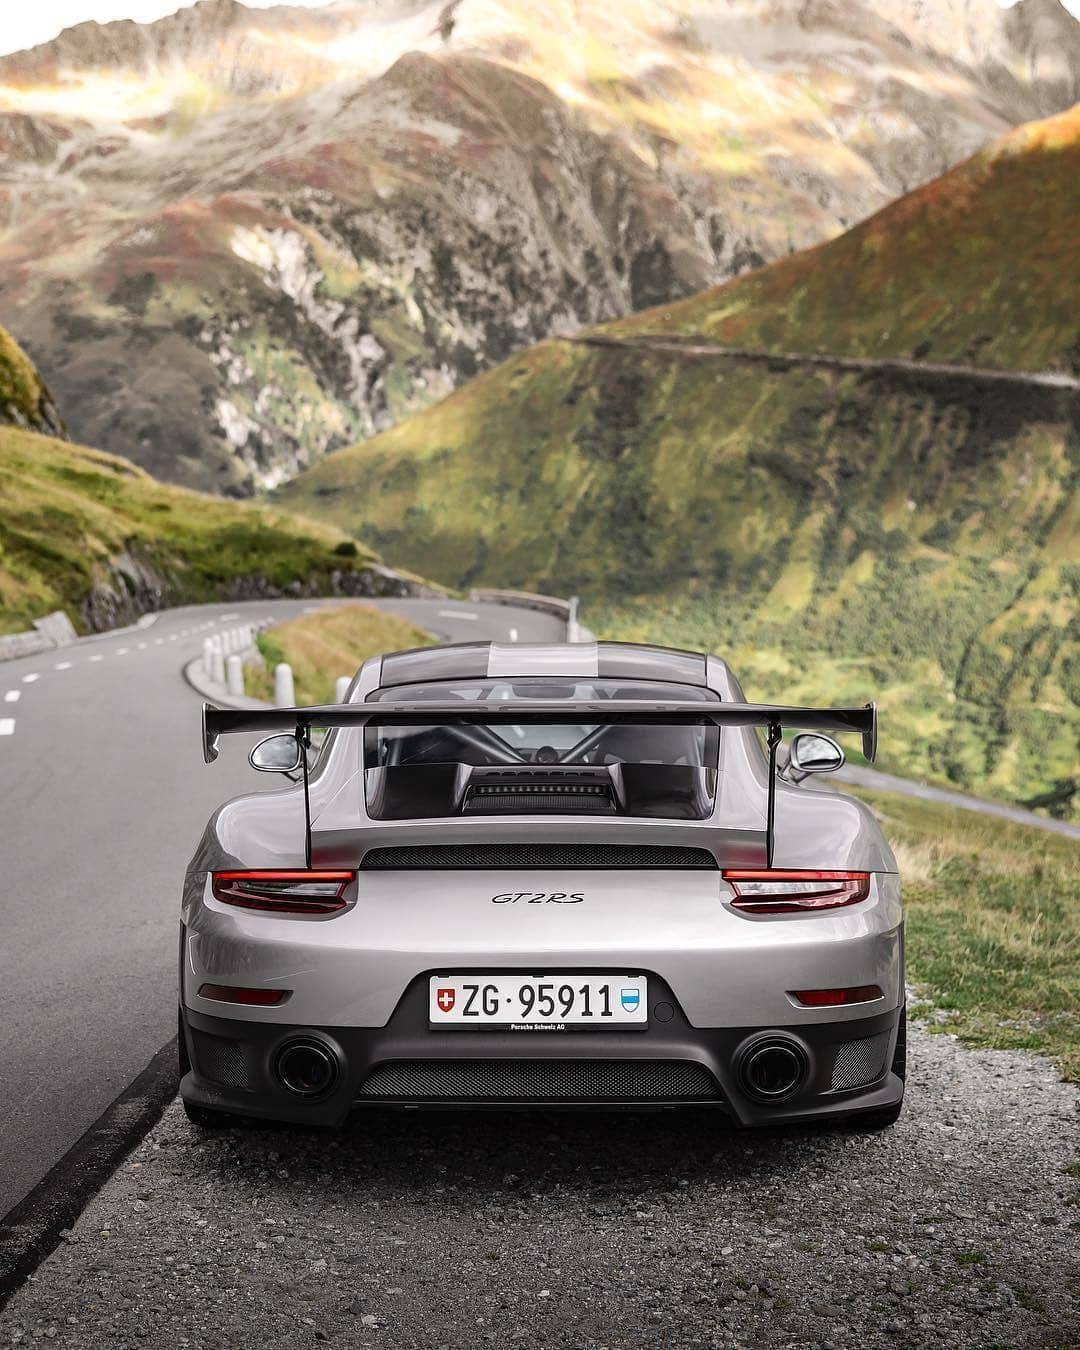 Porsche Gt2 Rs Porsche Cars Porsche Super Cars